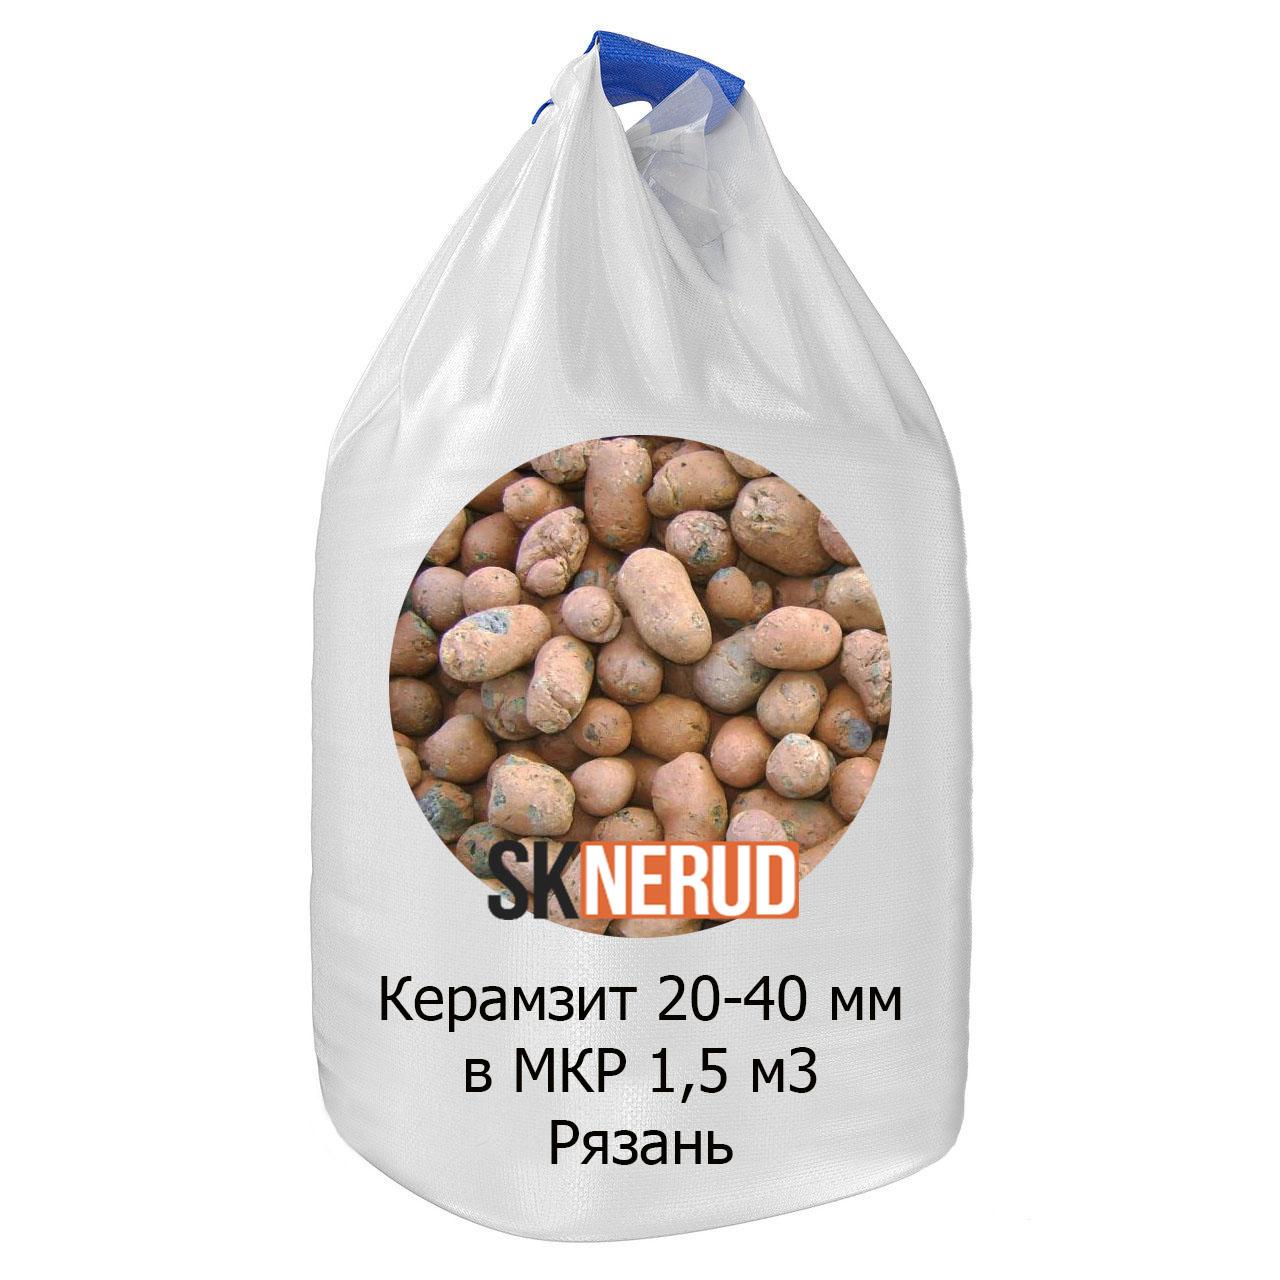 Керамзит 20-40 в биг-бег 1,5 м3 (Рязань)